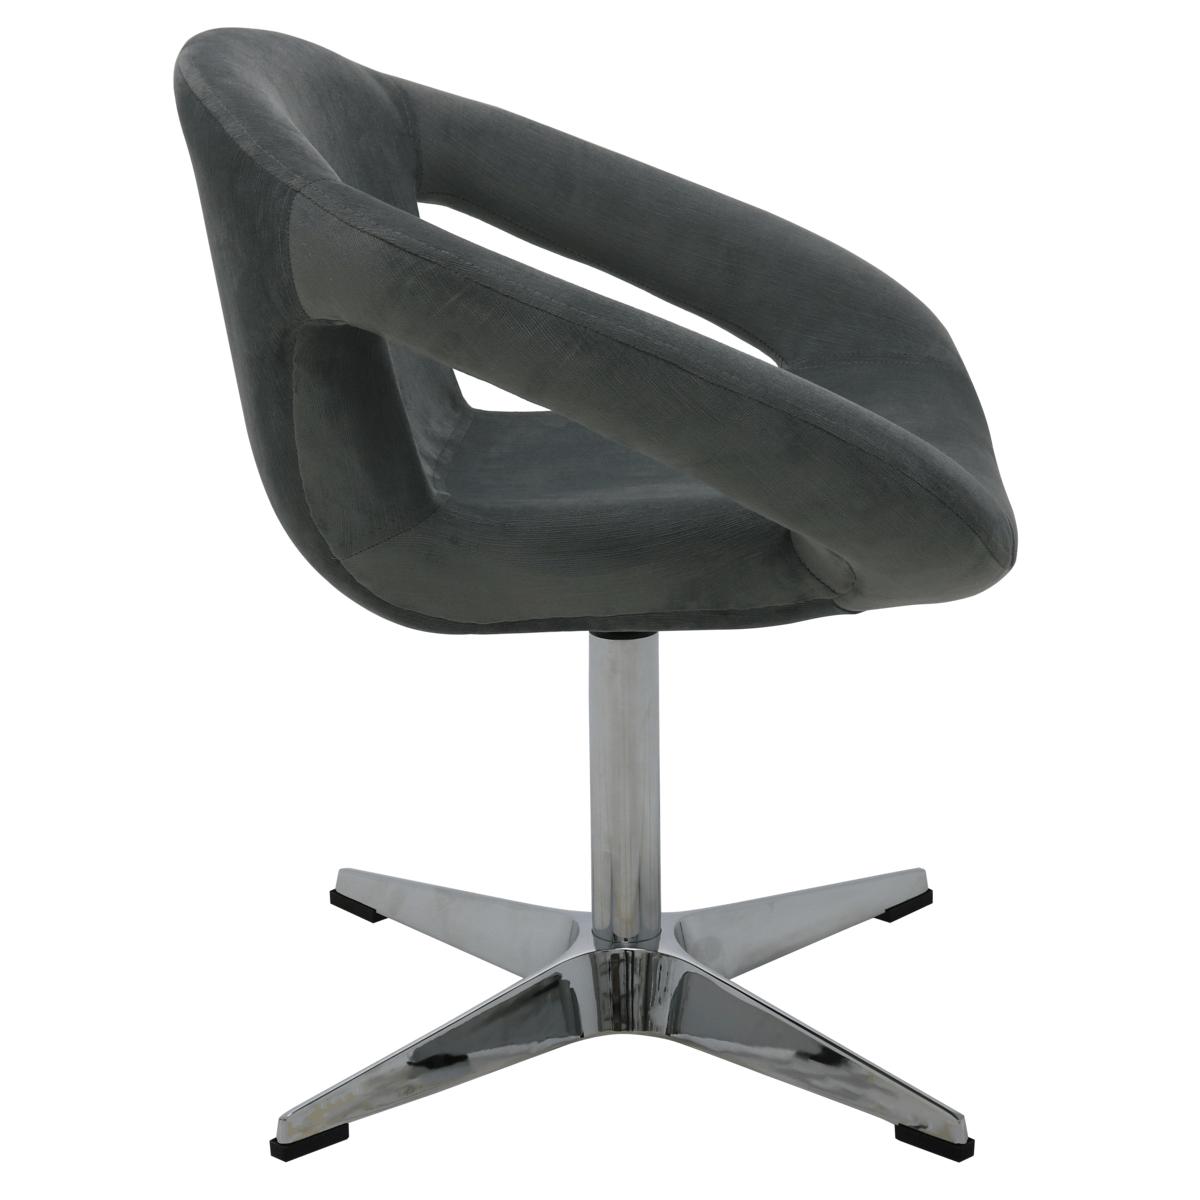 Cadeira Tramontina Delice Estofada Níquel em Polietileno com Base X 92705212